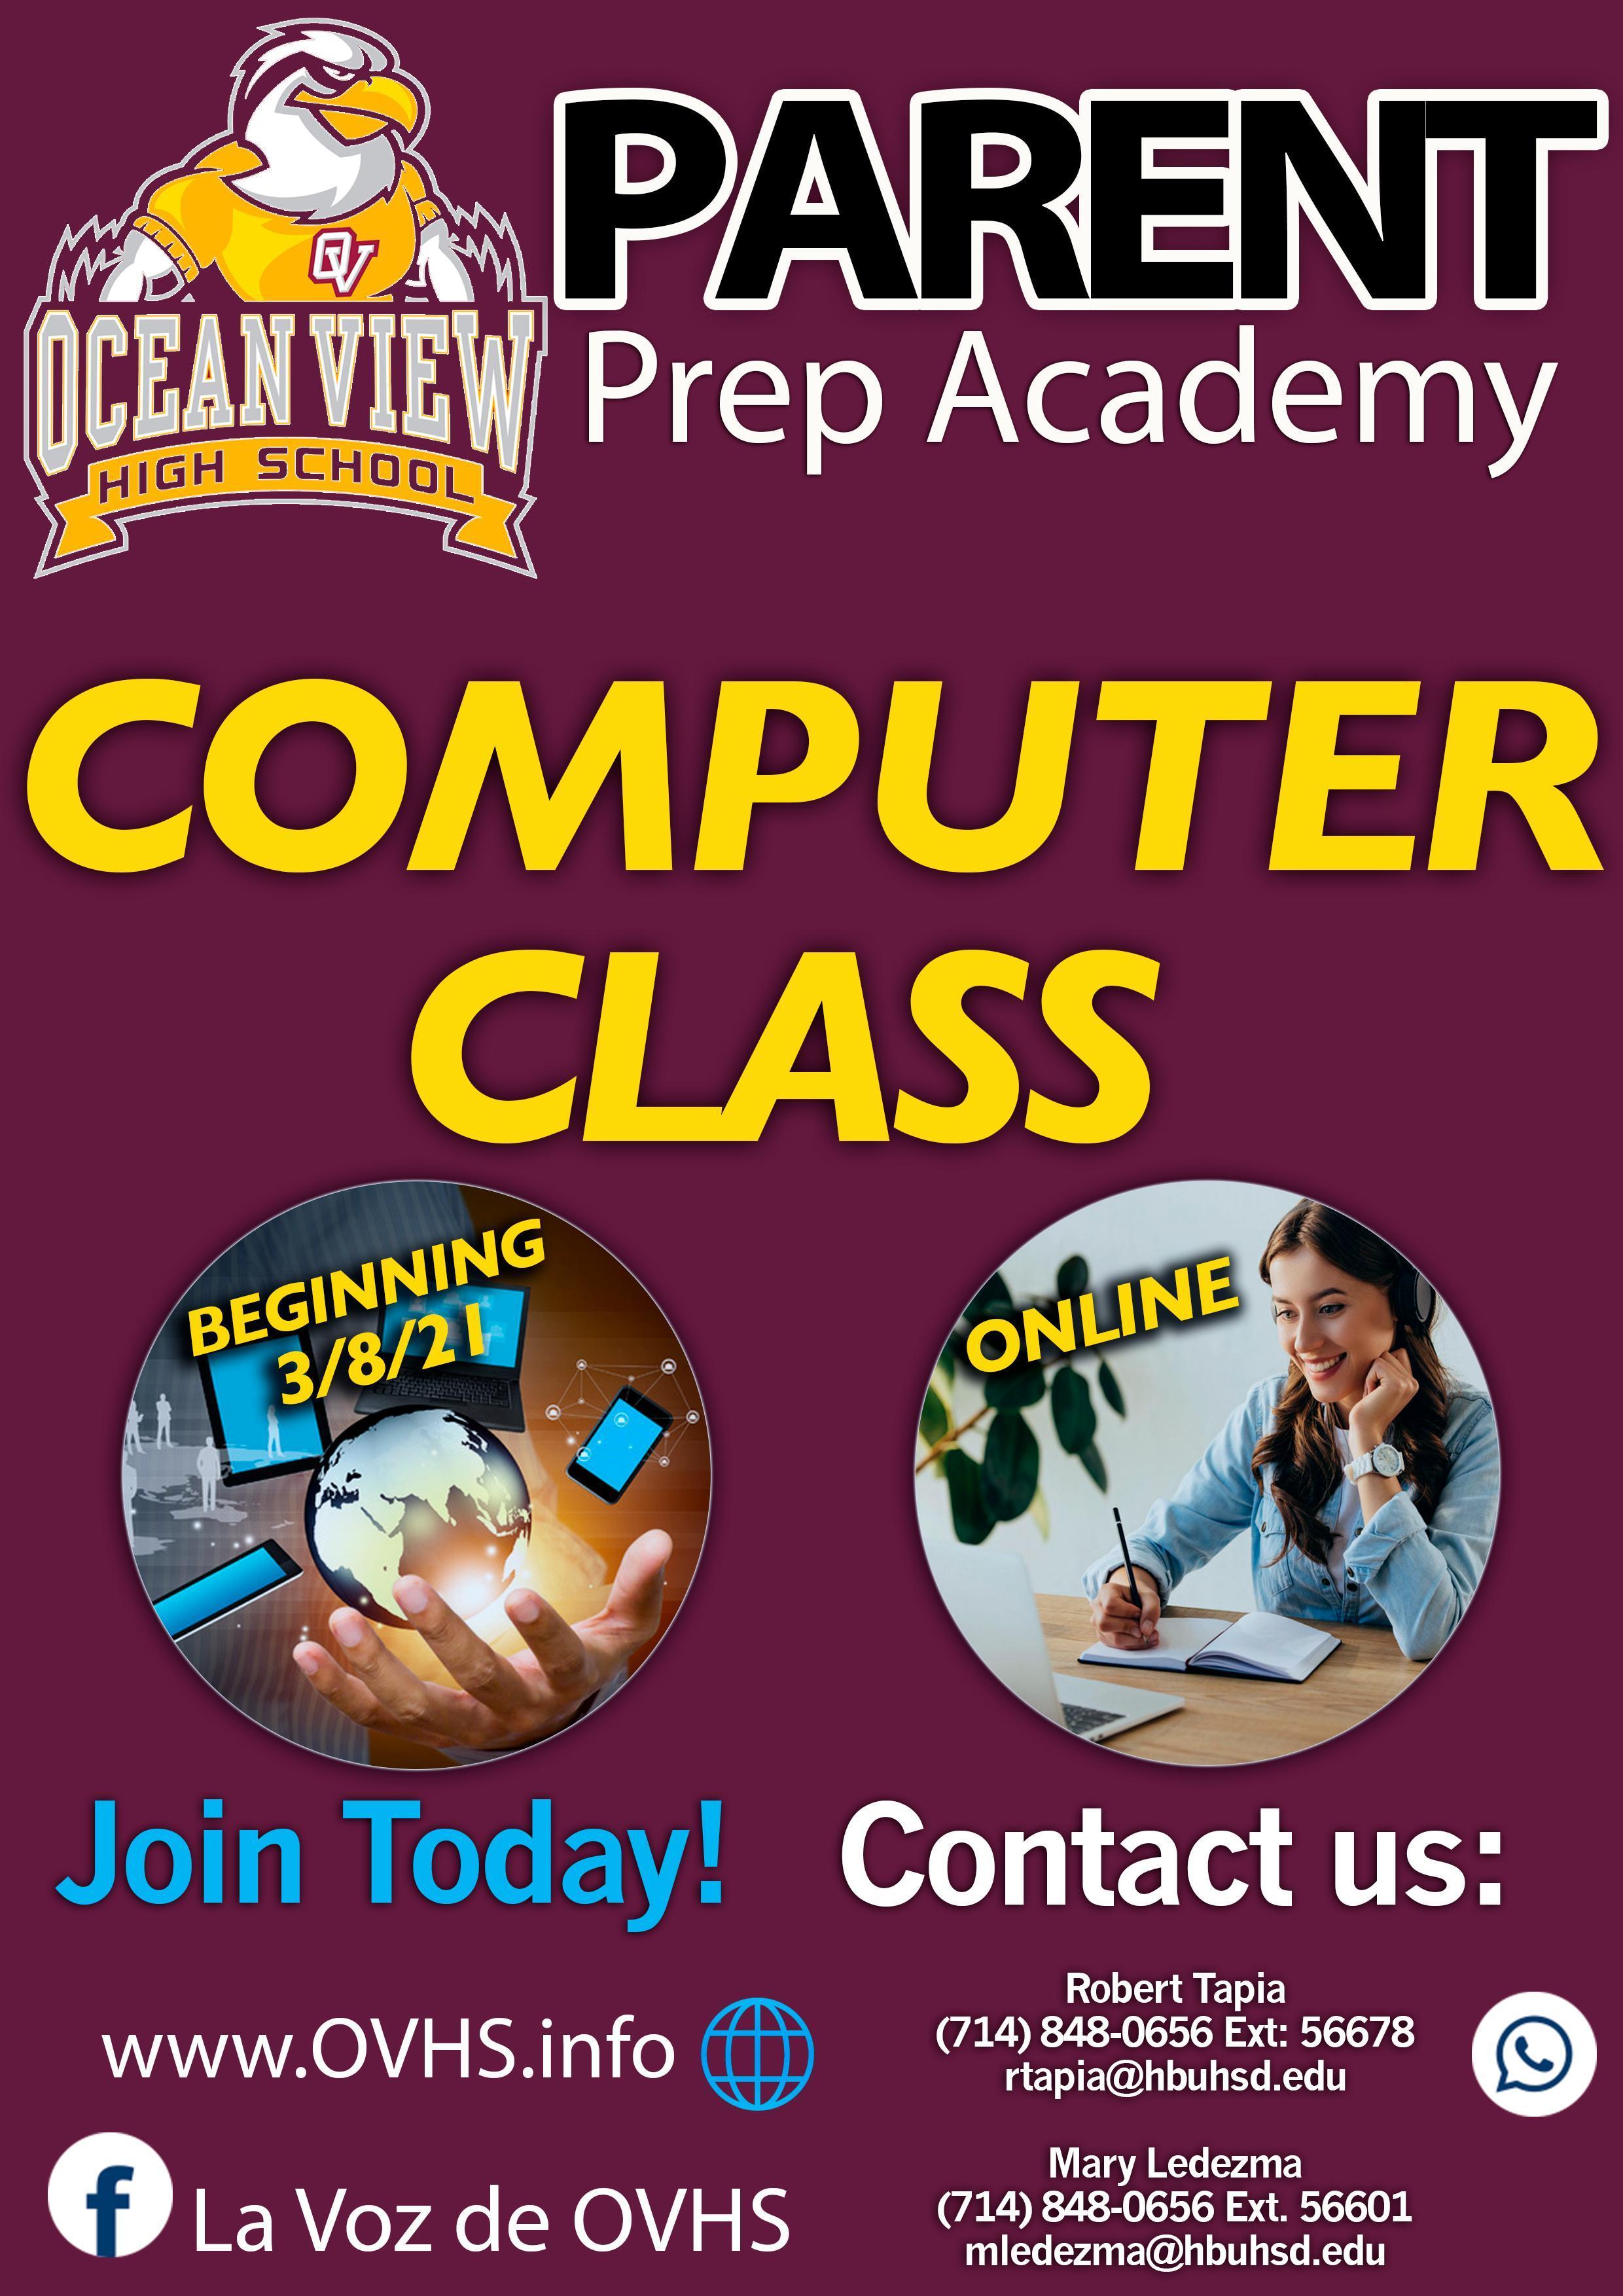 Computer class flyer